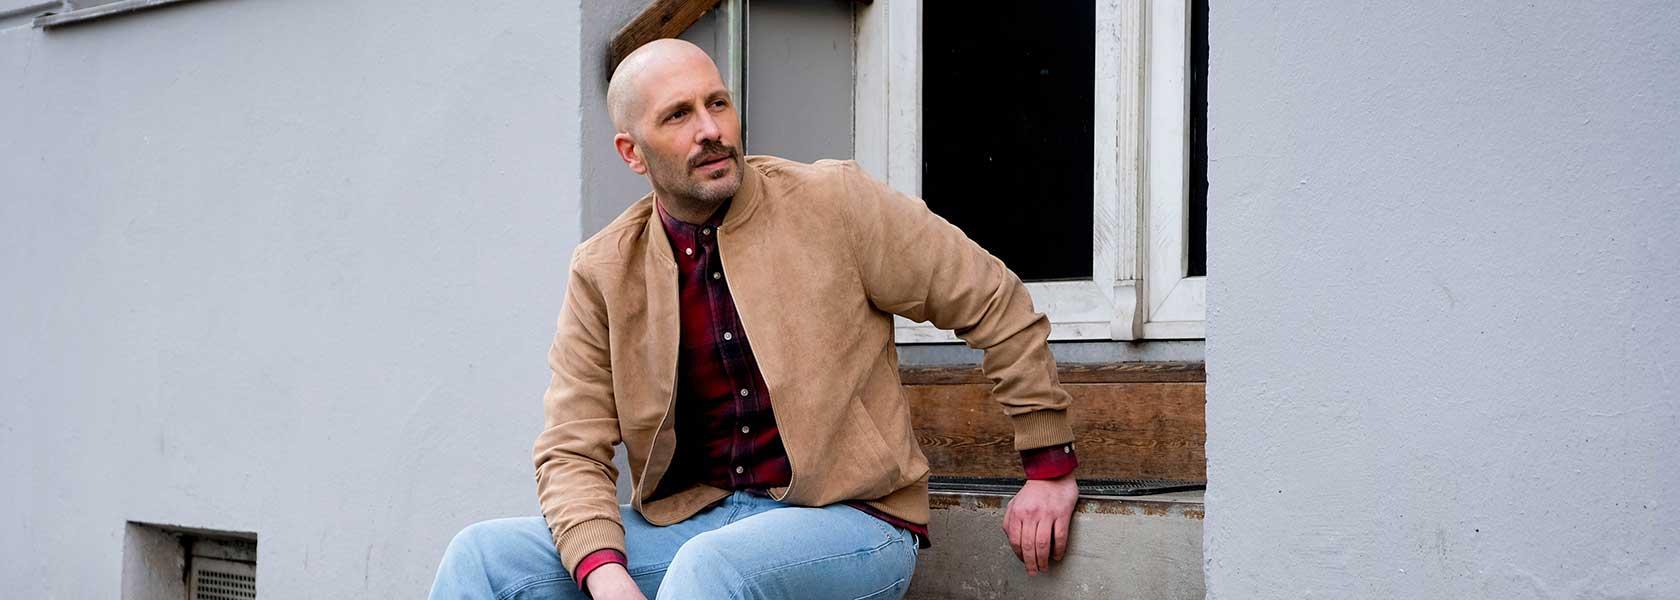 Mann in veganer Lederjacke lsitzt auf einter Treppe